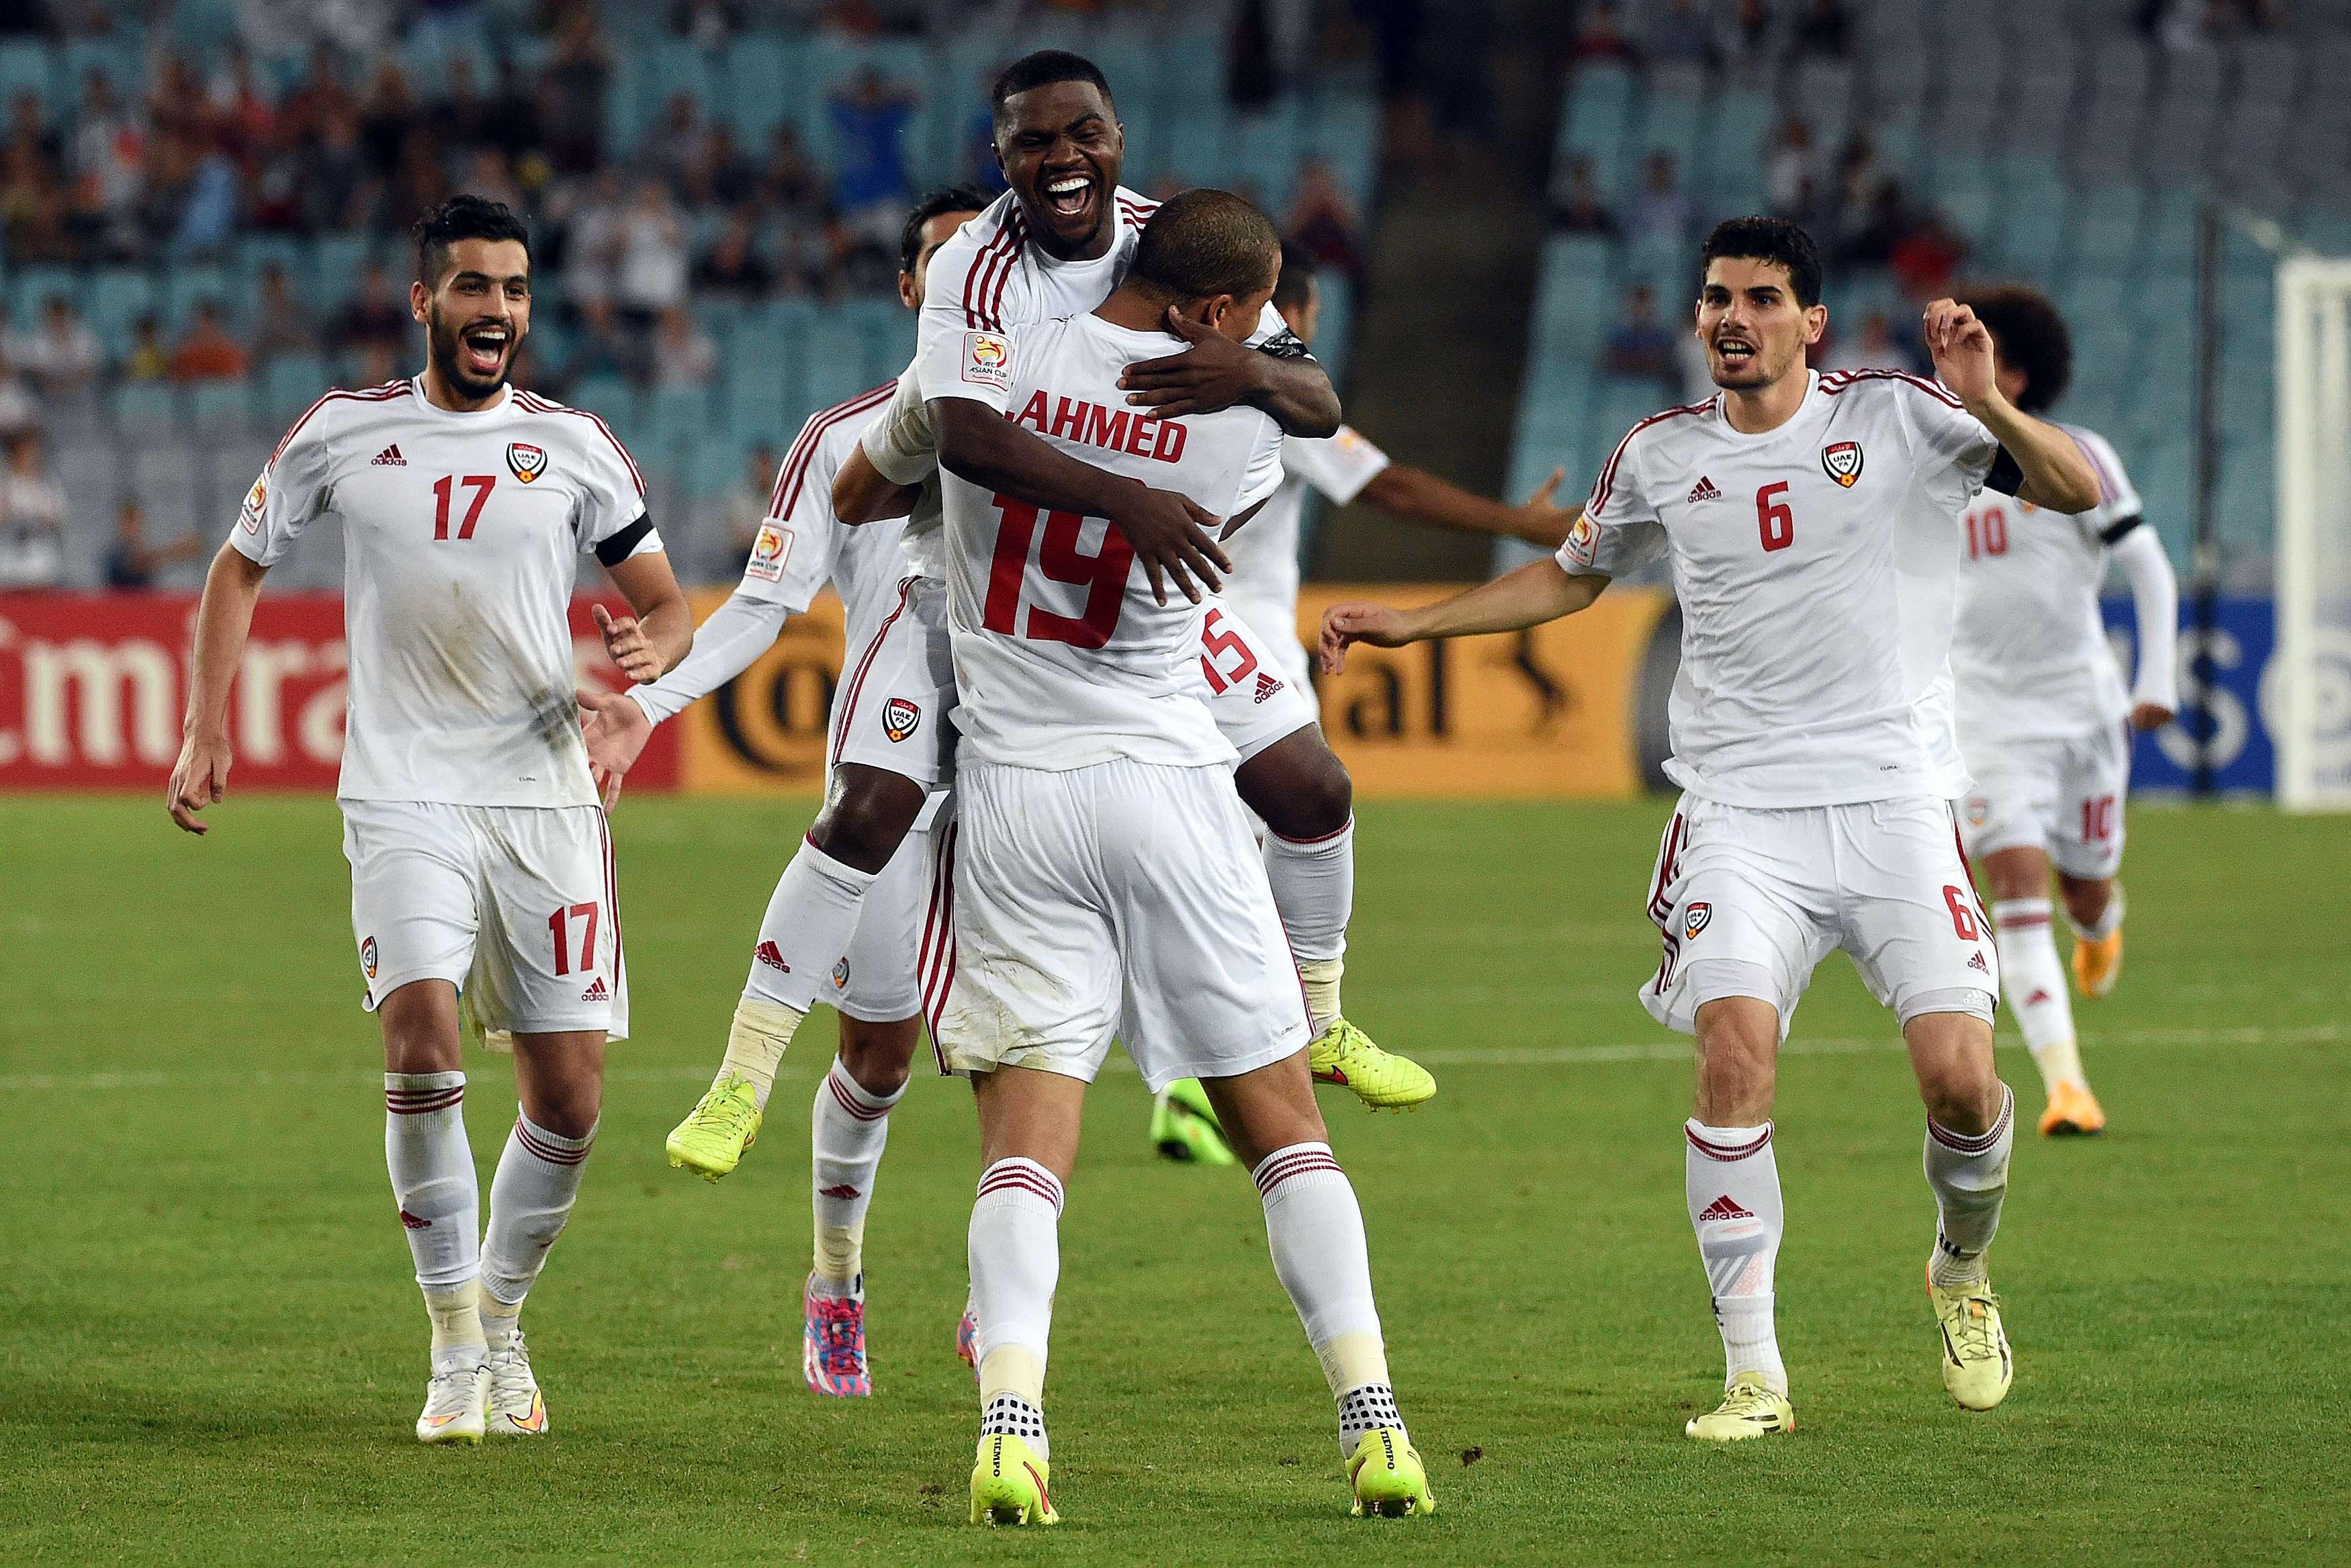 العرب على موعد مع الميدالية البرونزية الثانية في تاريخ كأس آسيا